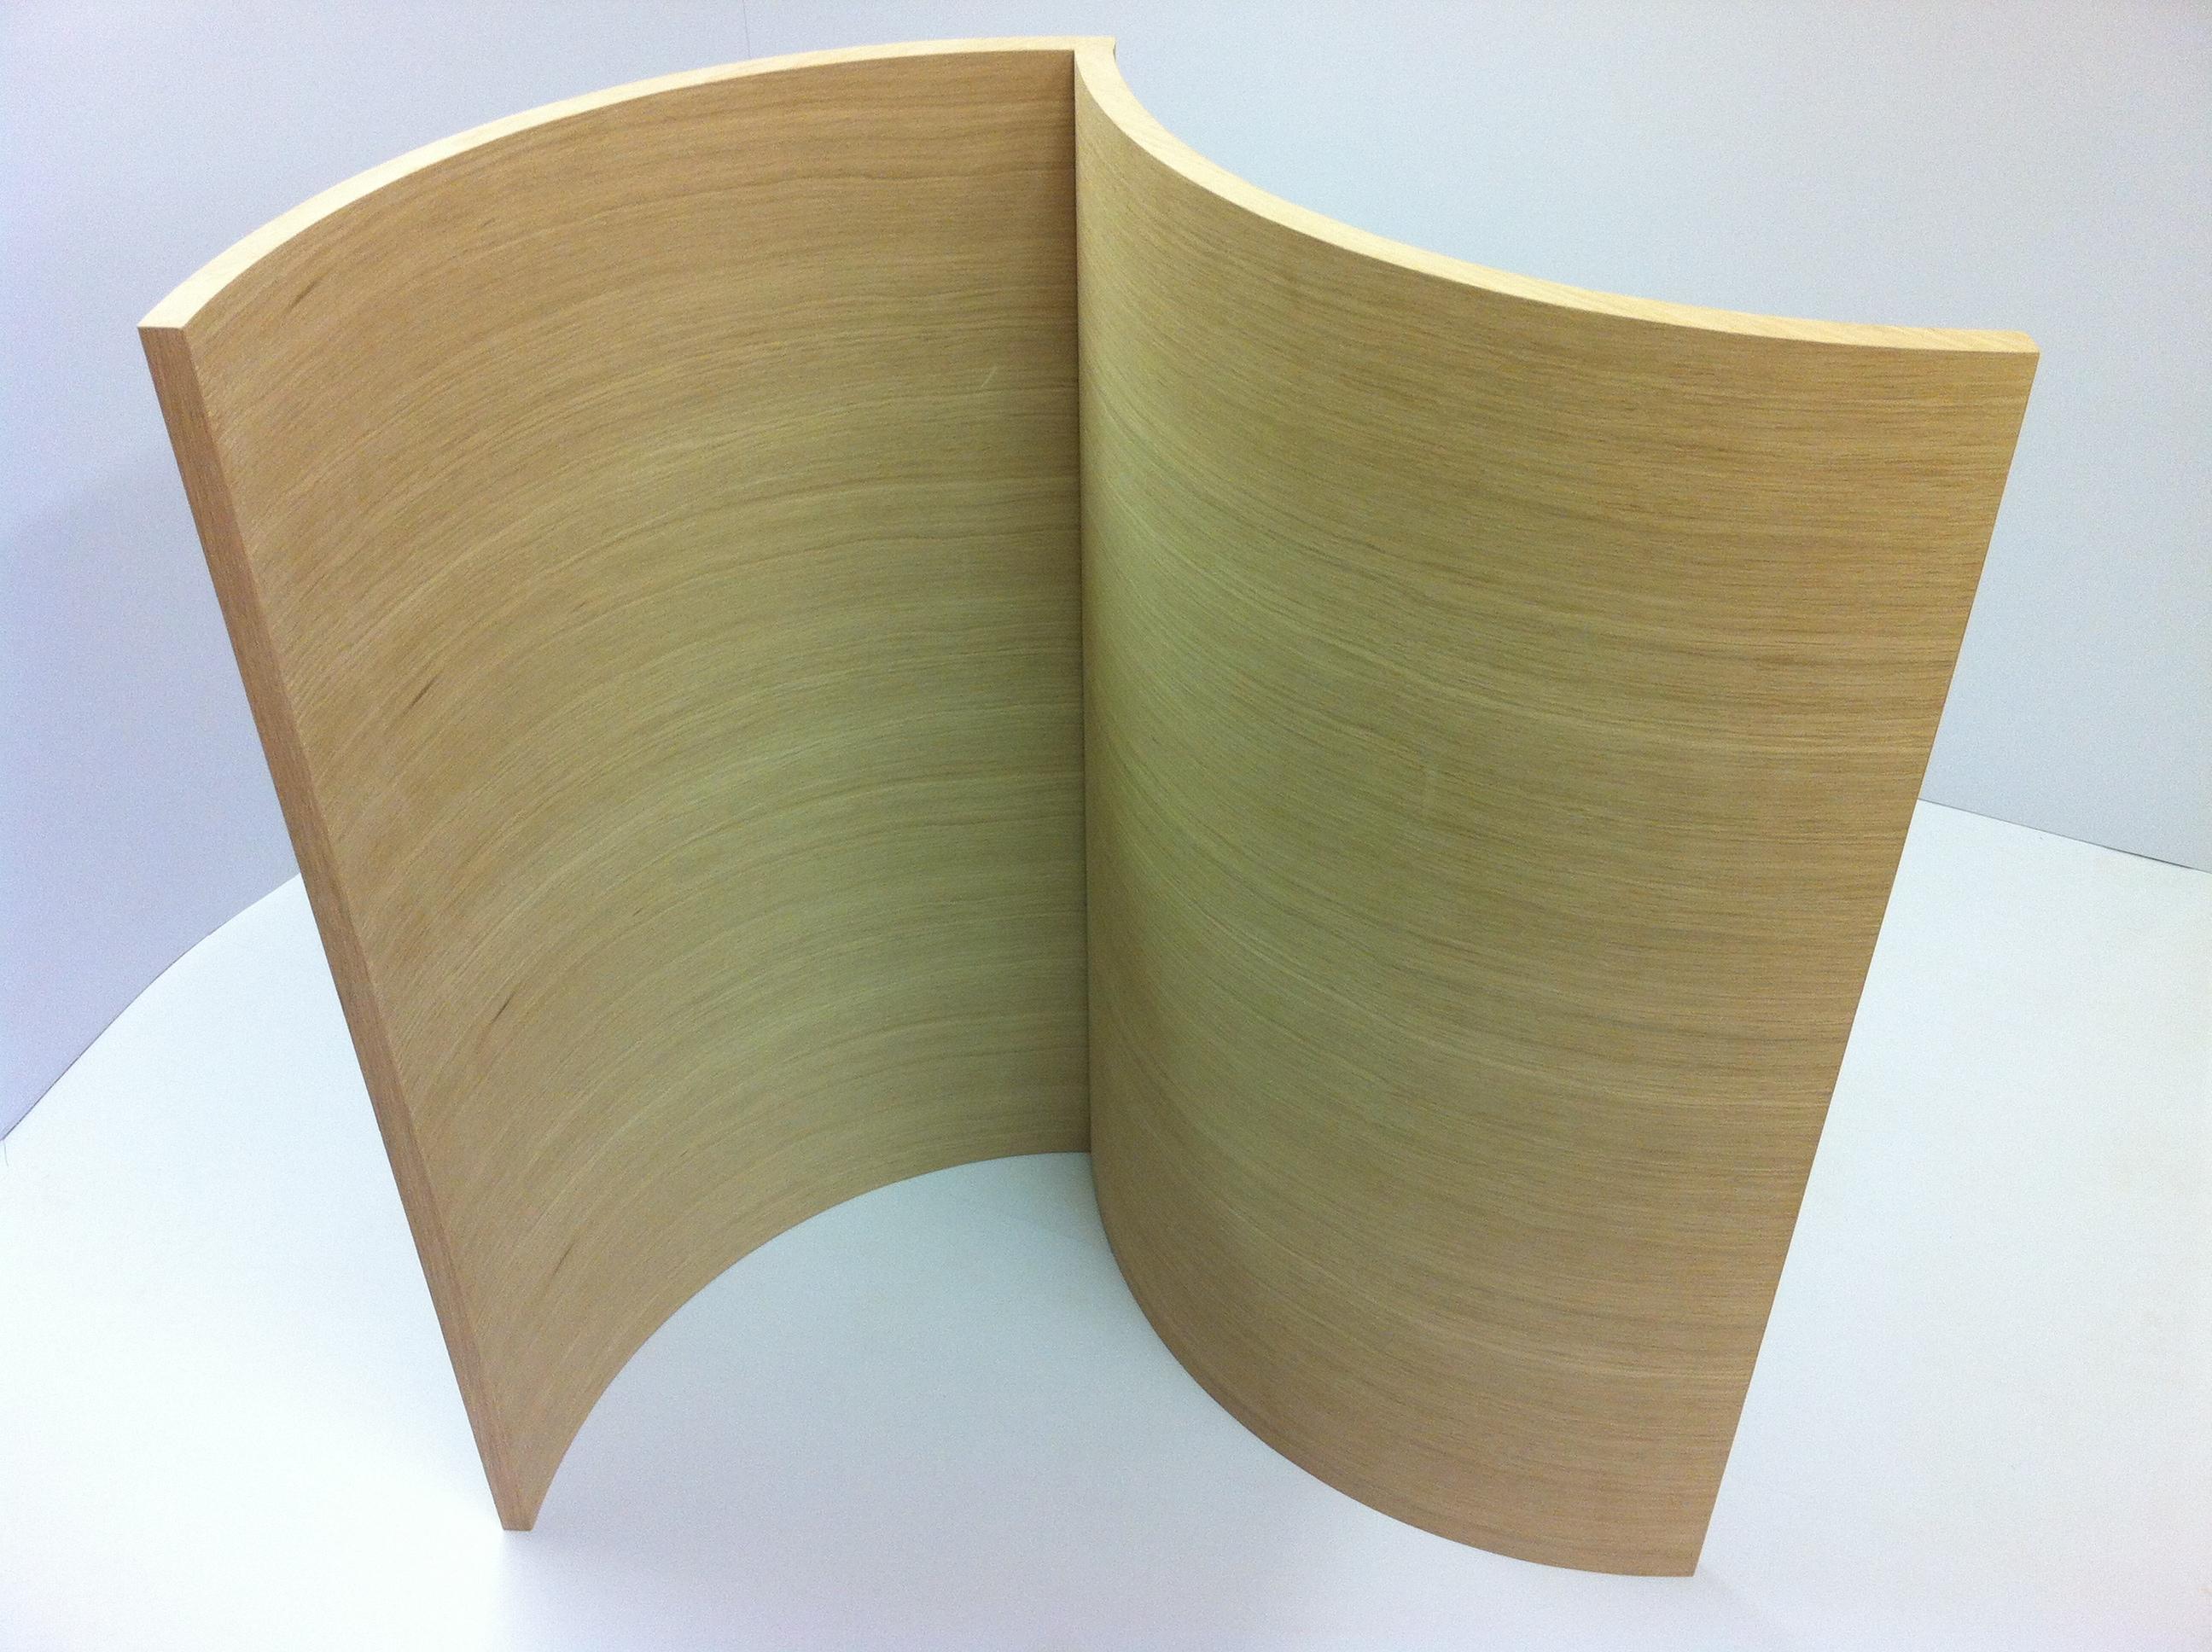 Veneer Slab Doors by Curve Craft